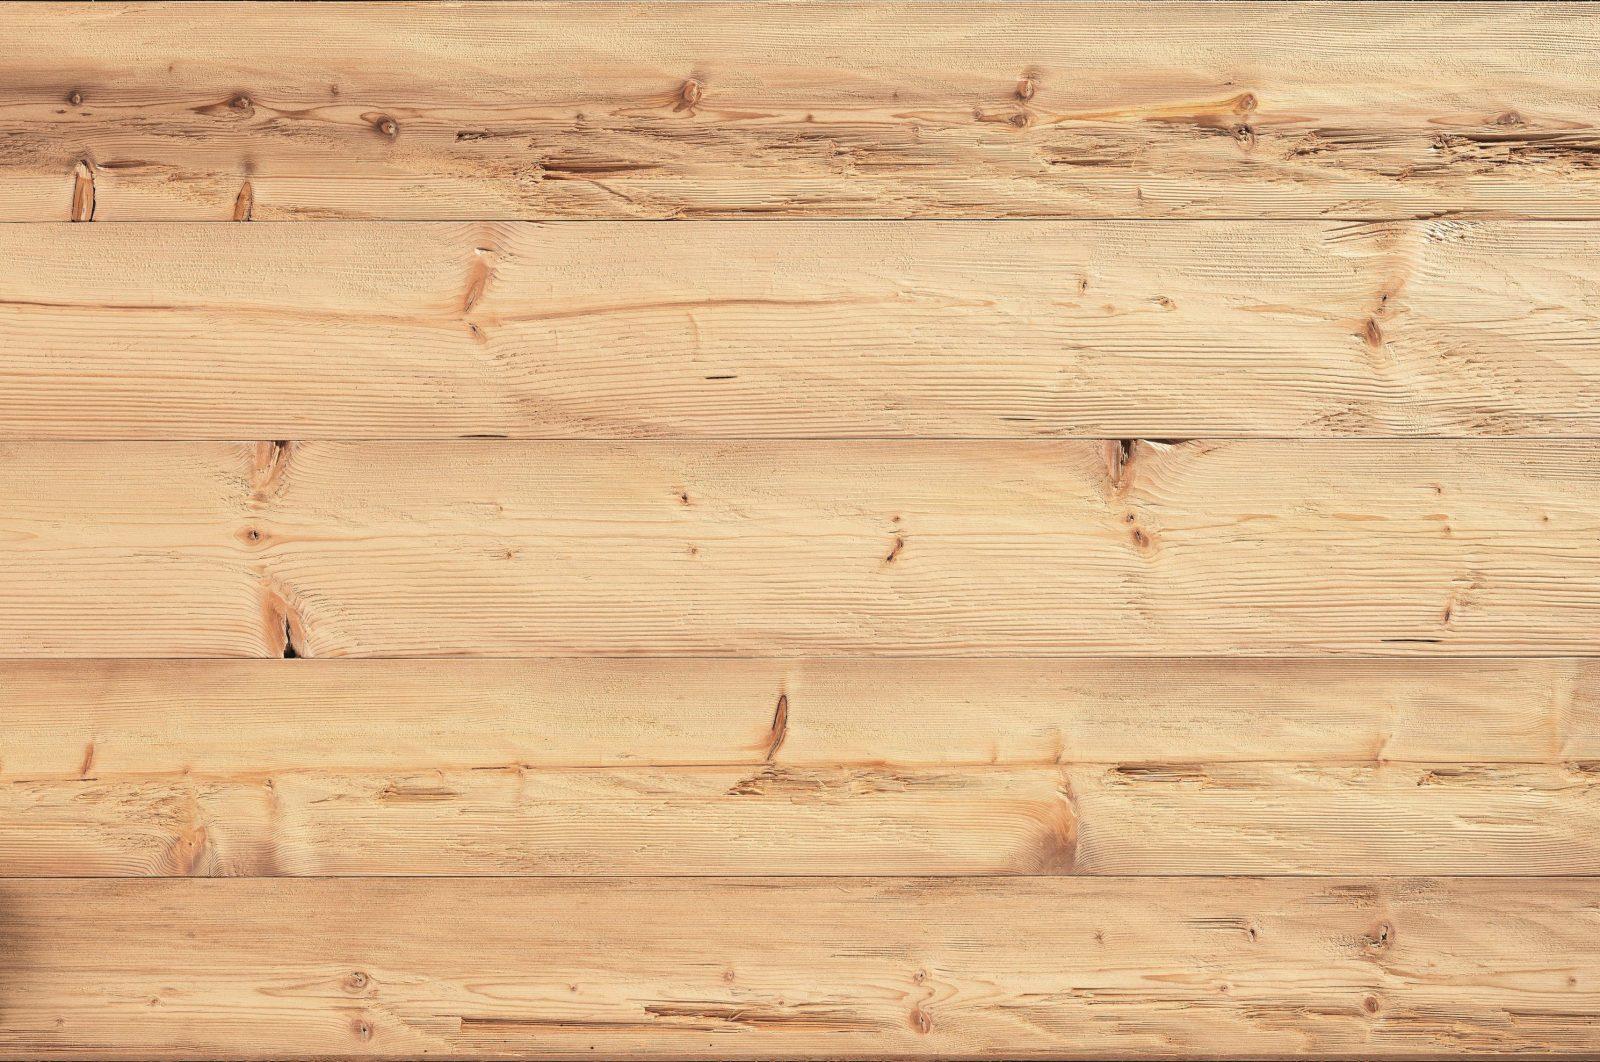 Wunderschöne Wandverkleidung Holz Innen Rustikal Holz von Wandverkleidung Holz Innen Rustikal Photo